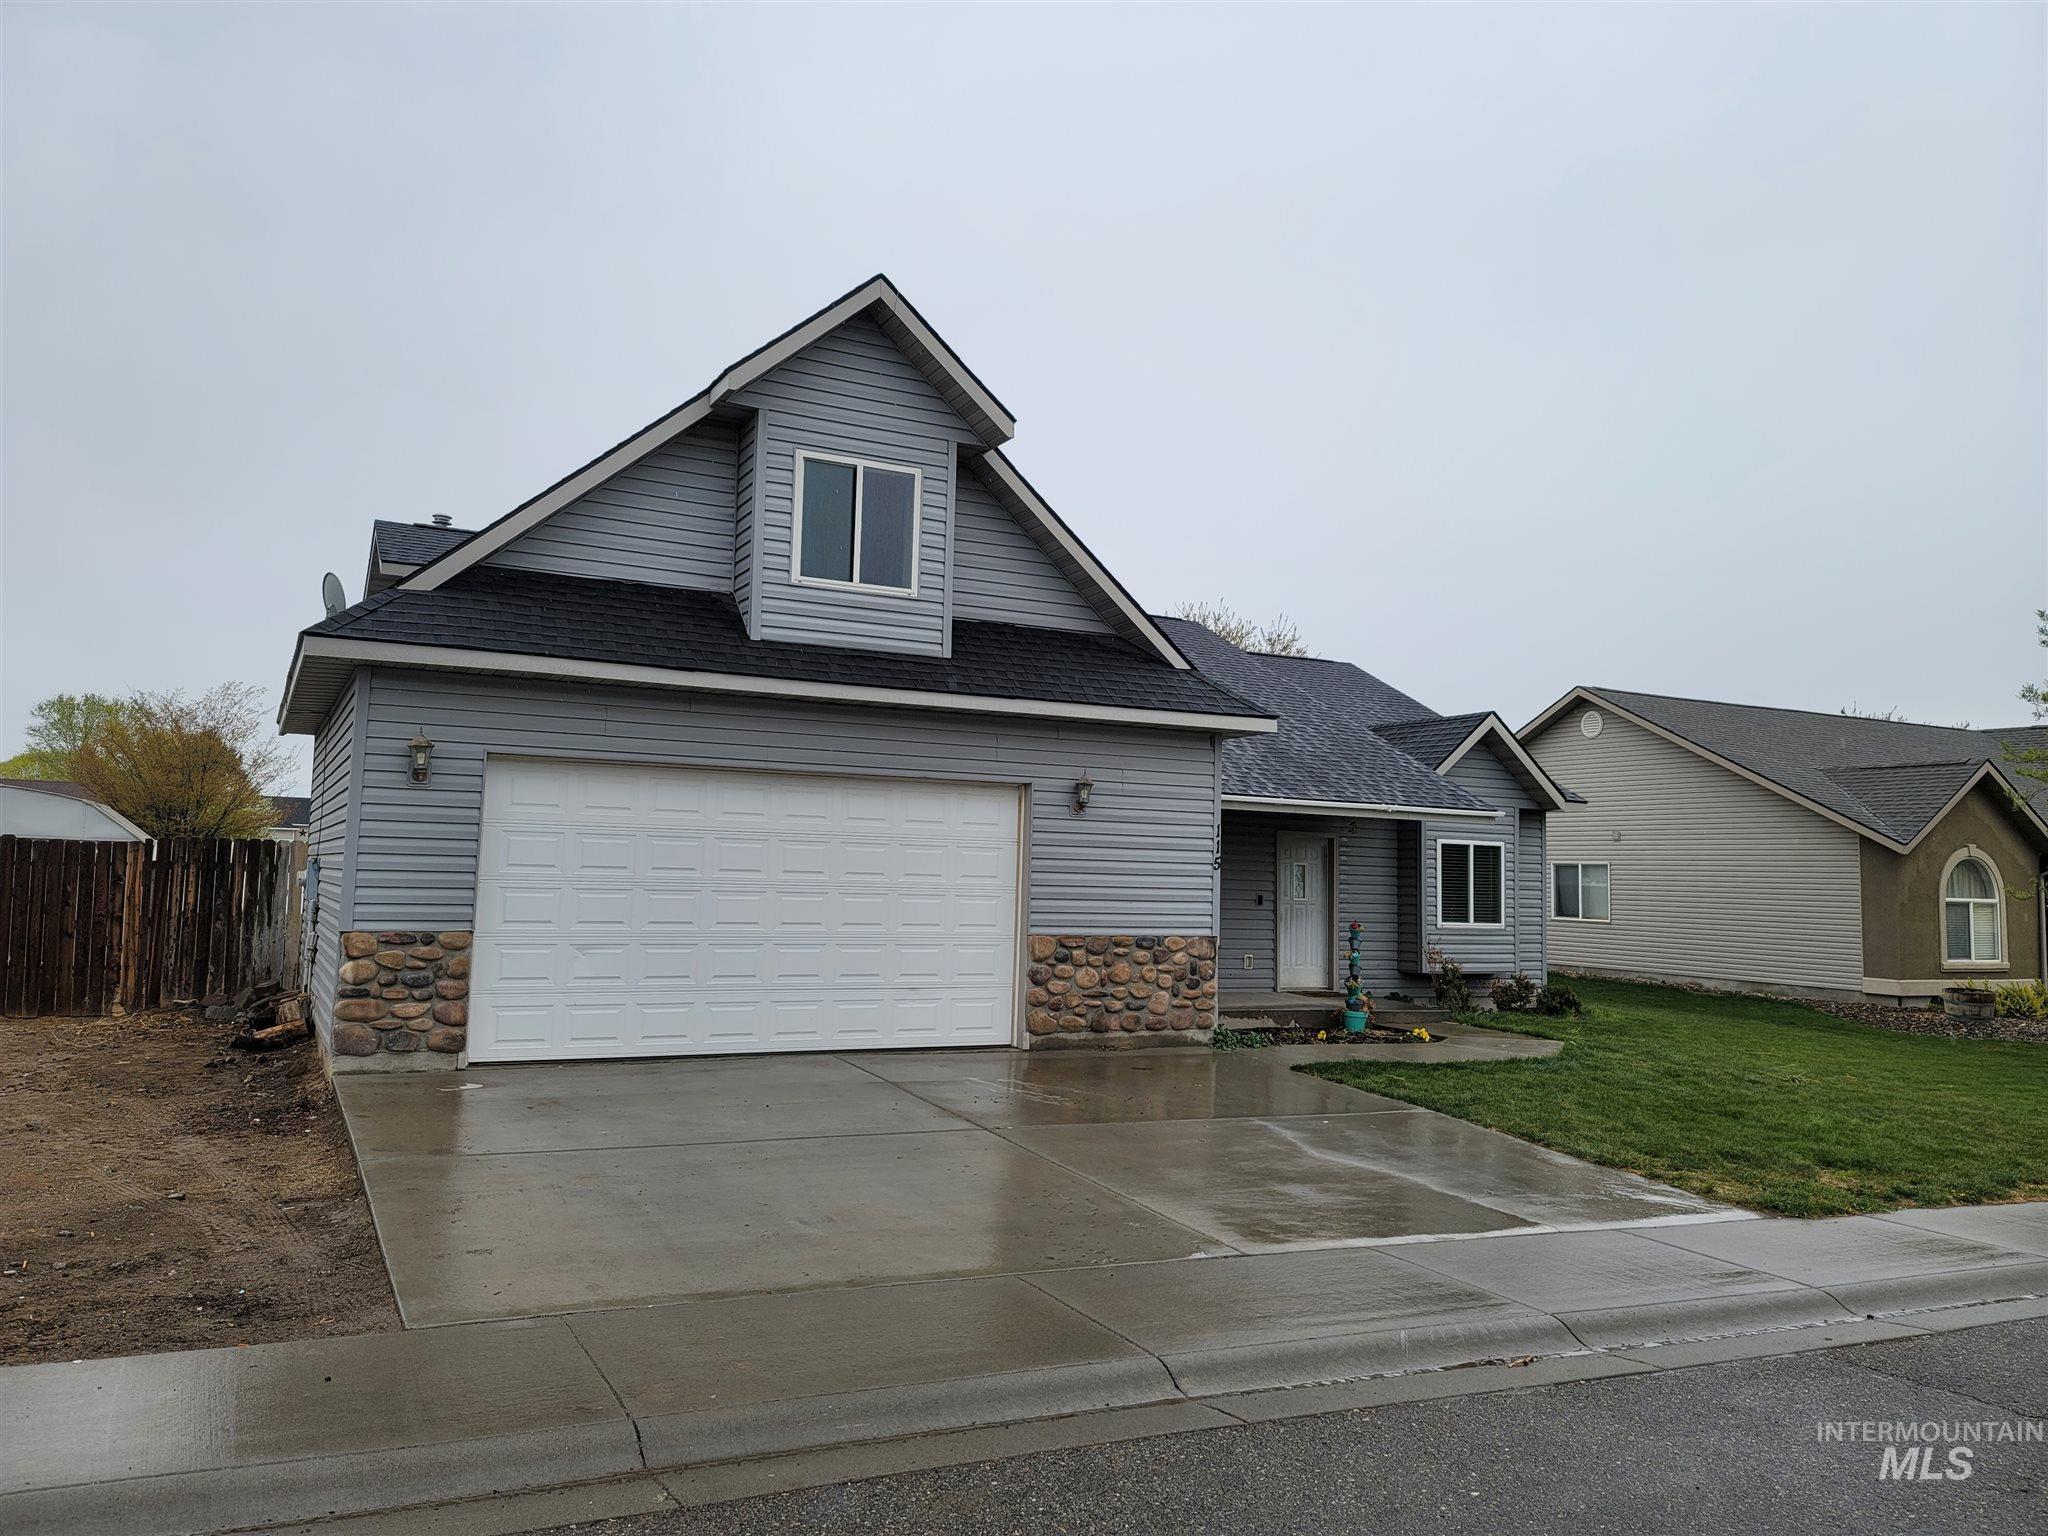 115 Tuttle Lp Property Photo 1